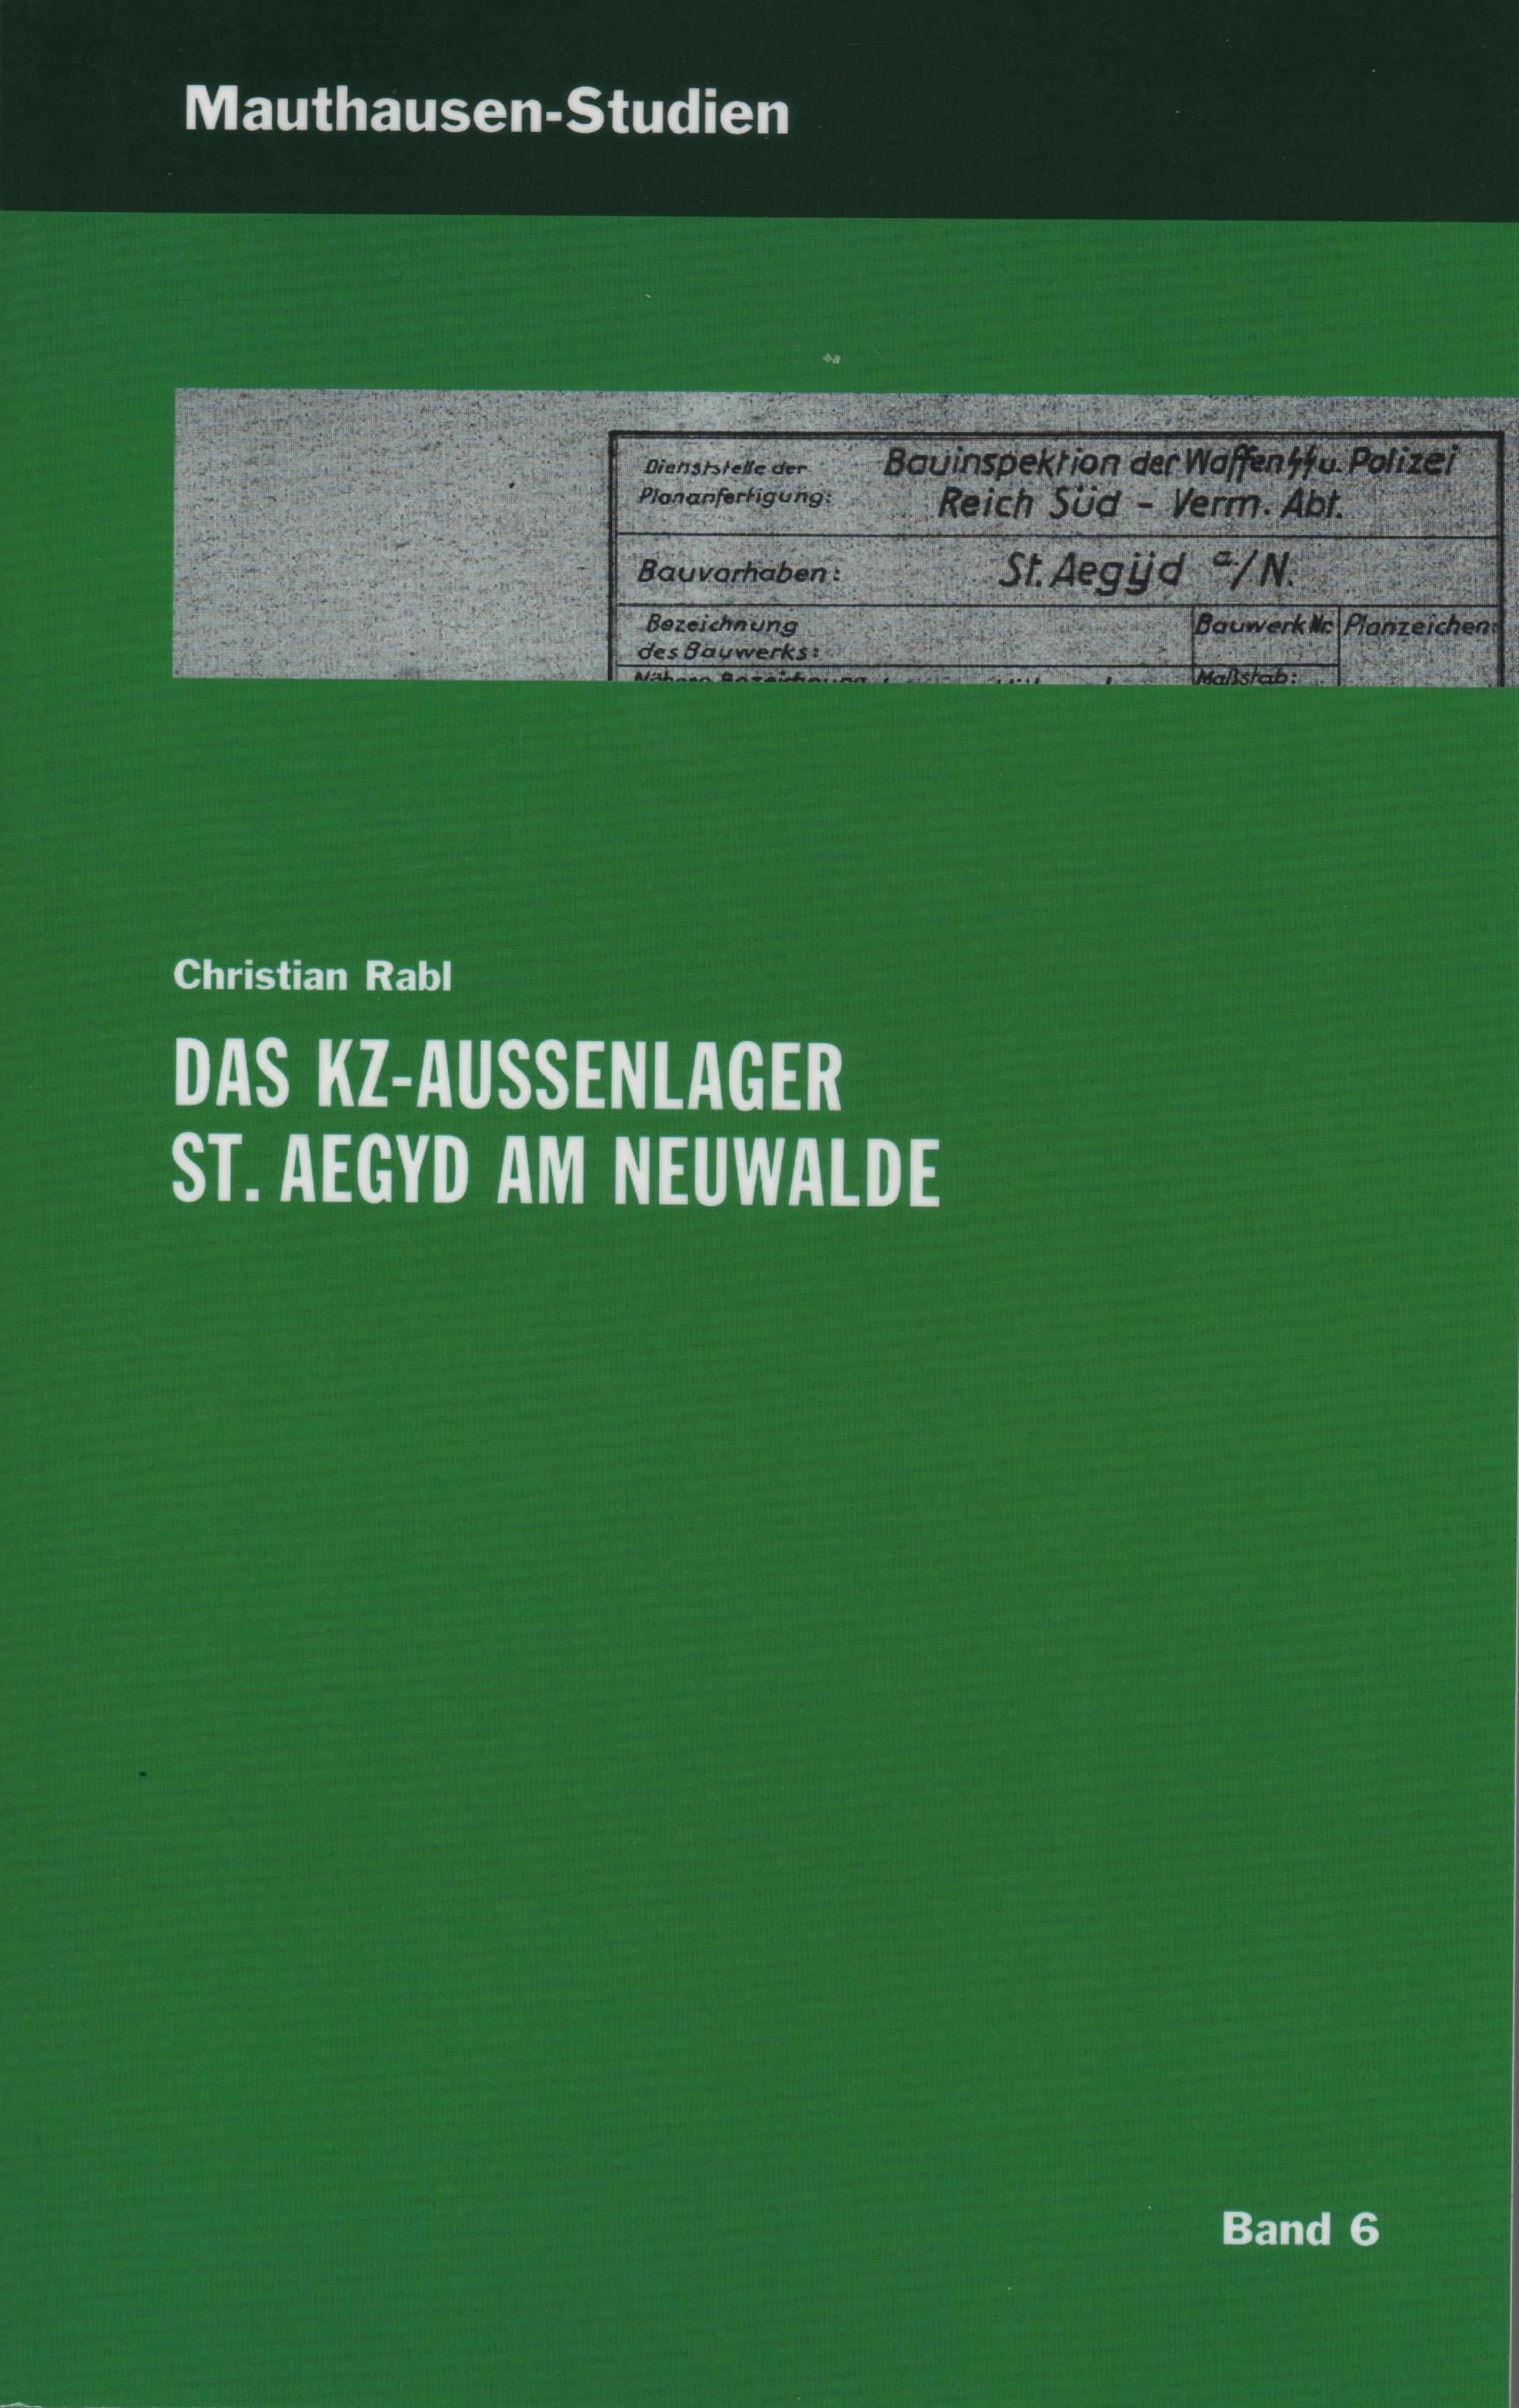 Cover-Buch-Rabl-A4-hoch